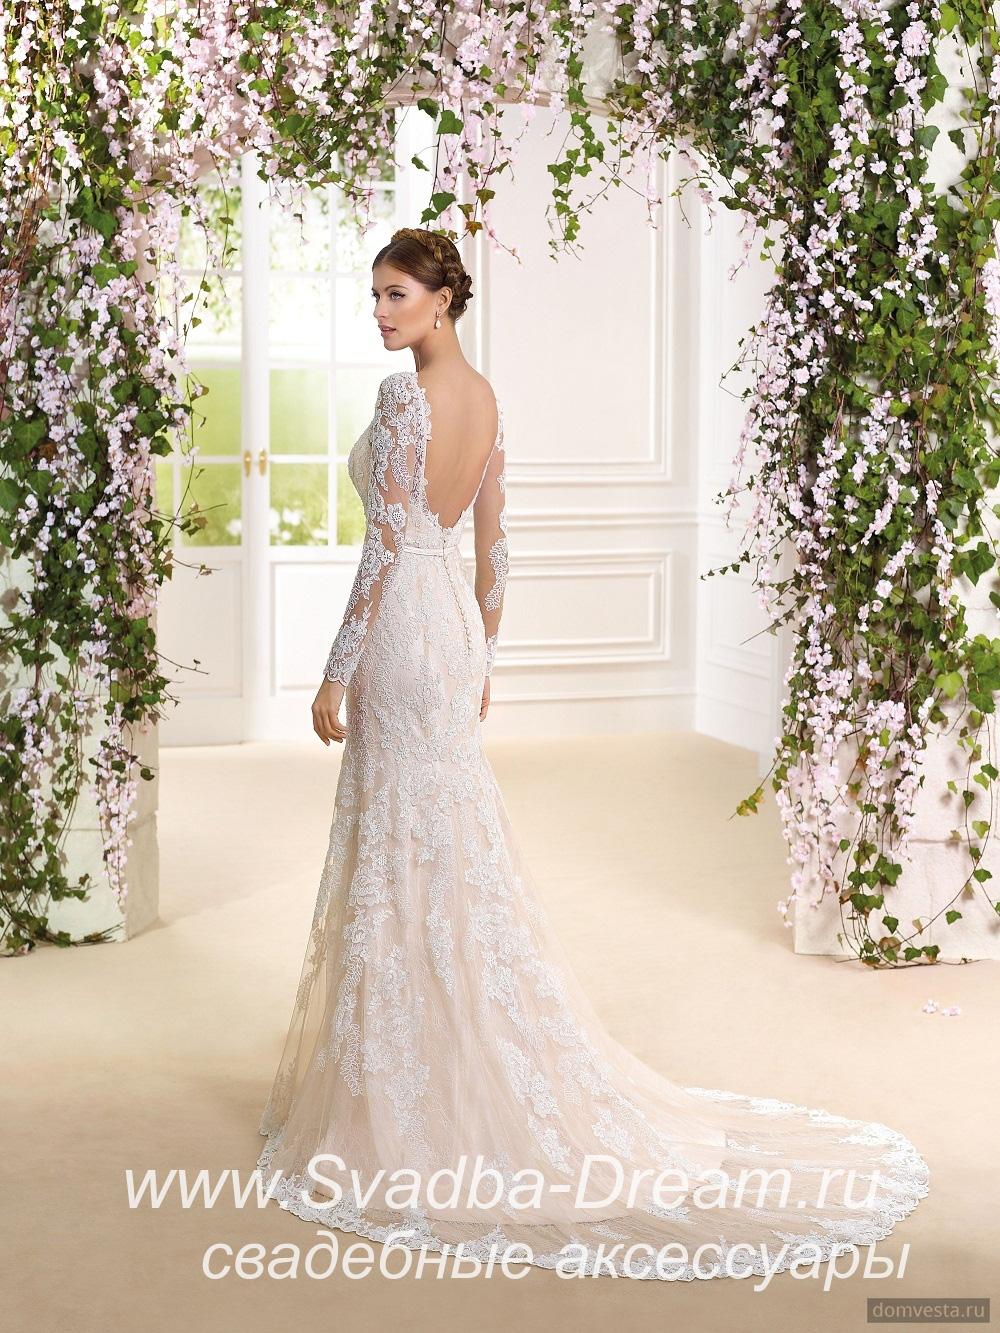 e7d383932b1 Свадебное платье прямое светло-розовое из кружева Fara Sposa в Краснодаре